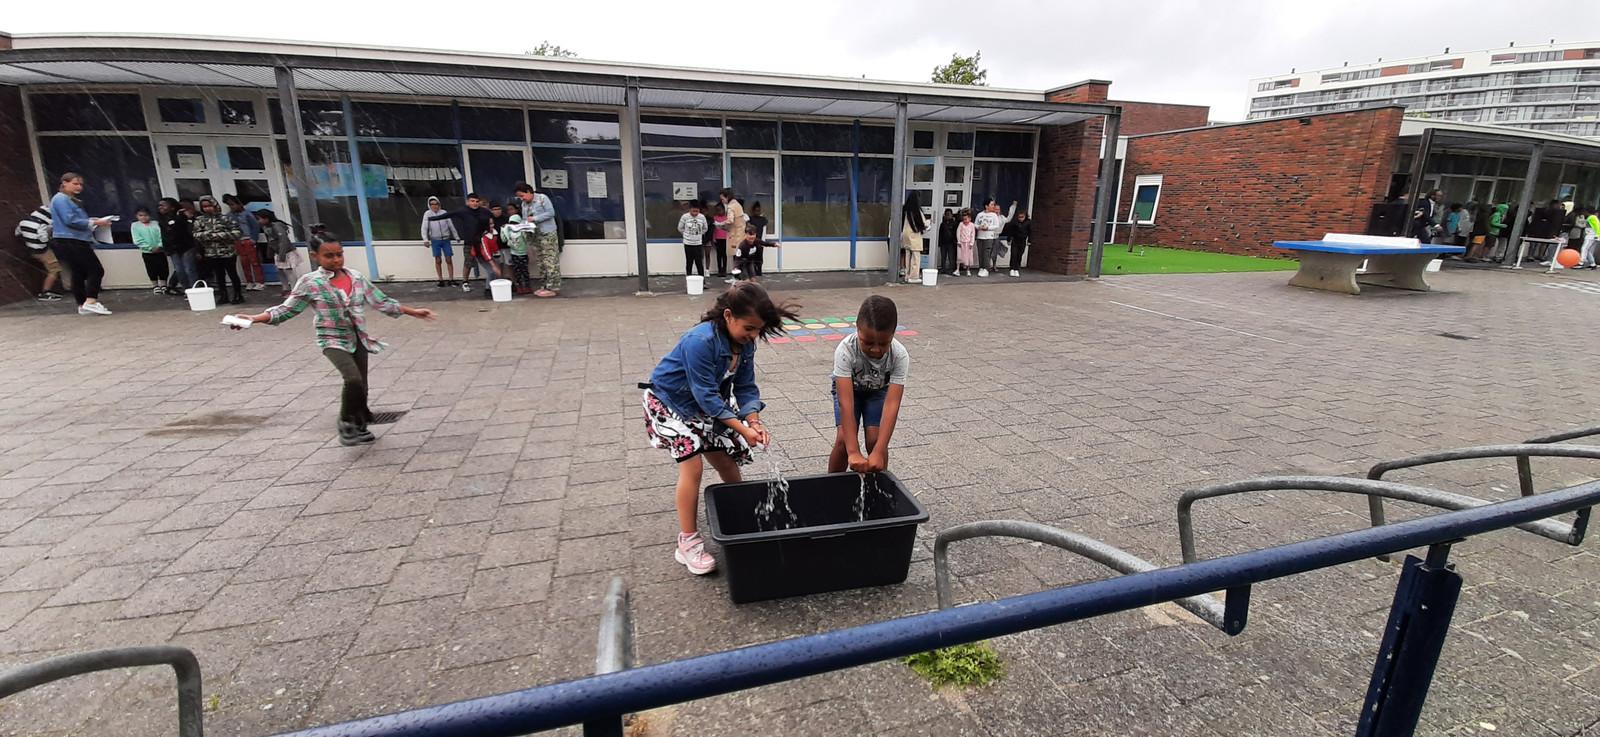 Kinderen rennen om het hardst om een teil water te vullen op het plein van Magistraal, de school die als Middelburgse zomerschool fungeert.